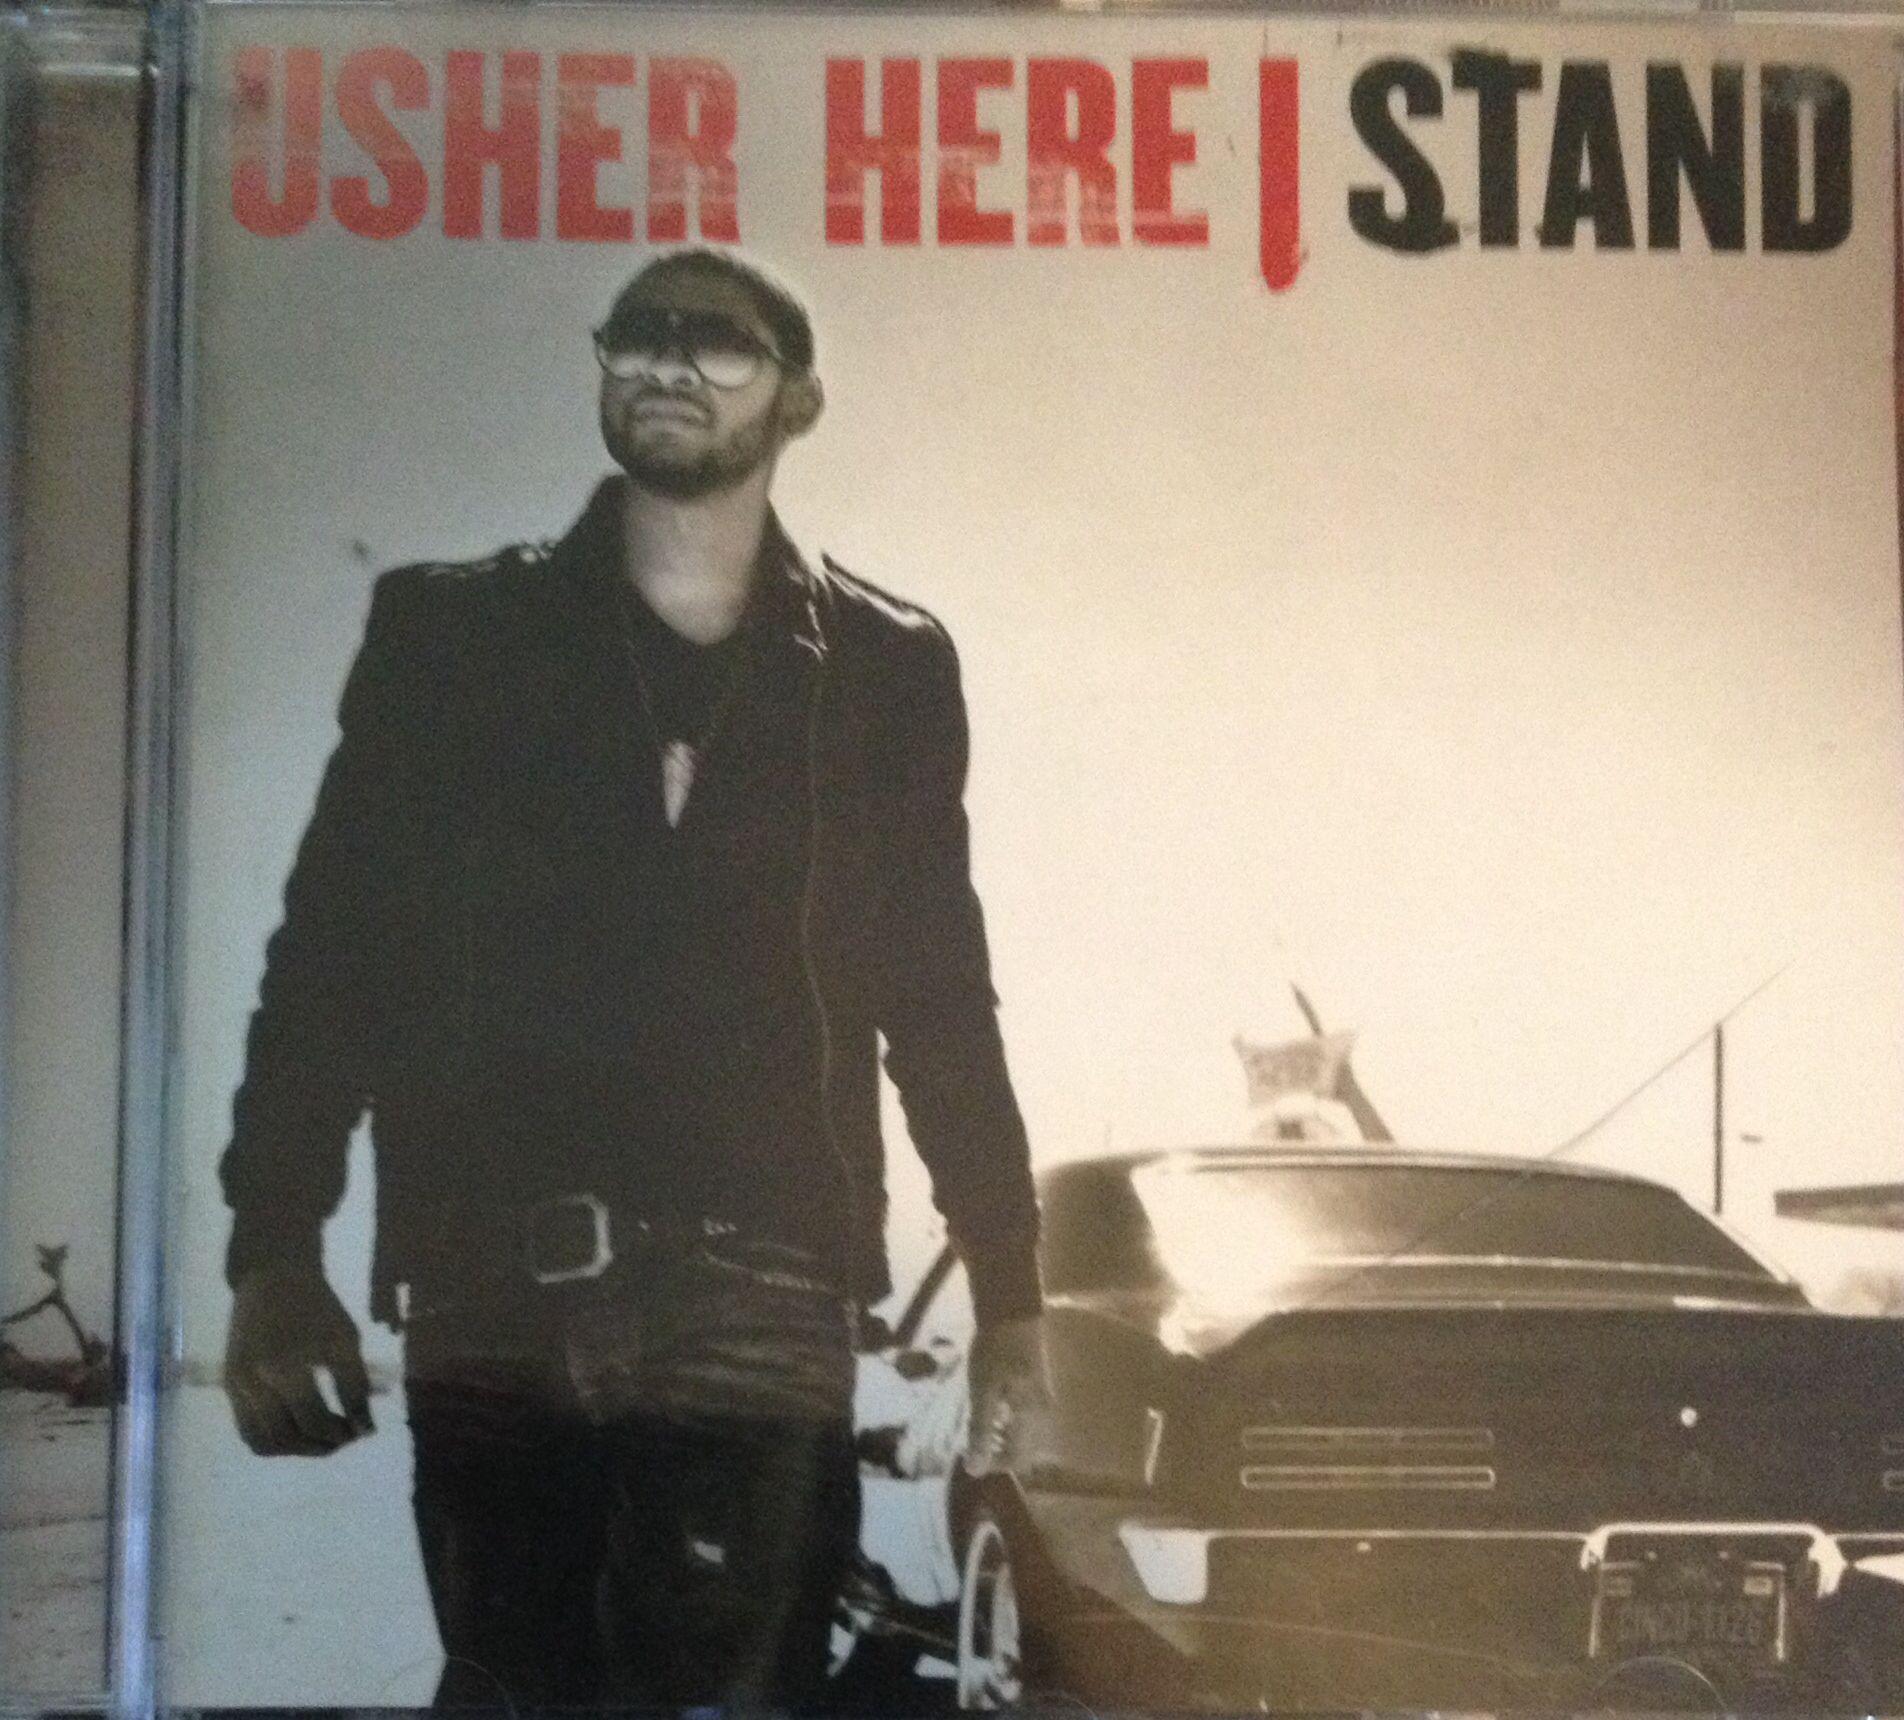 Goodalbum Trueusherfan Music Here I Stand Stand By Me Music